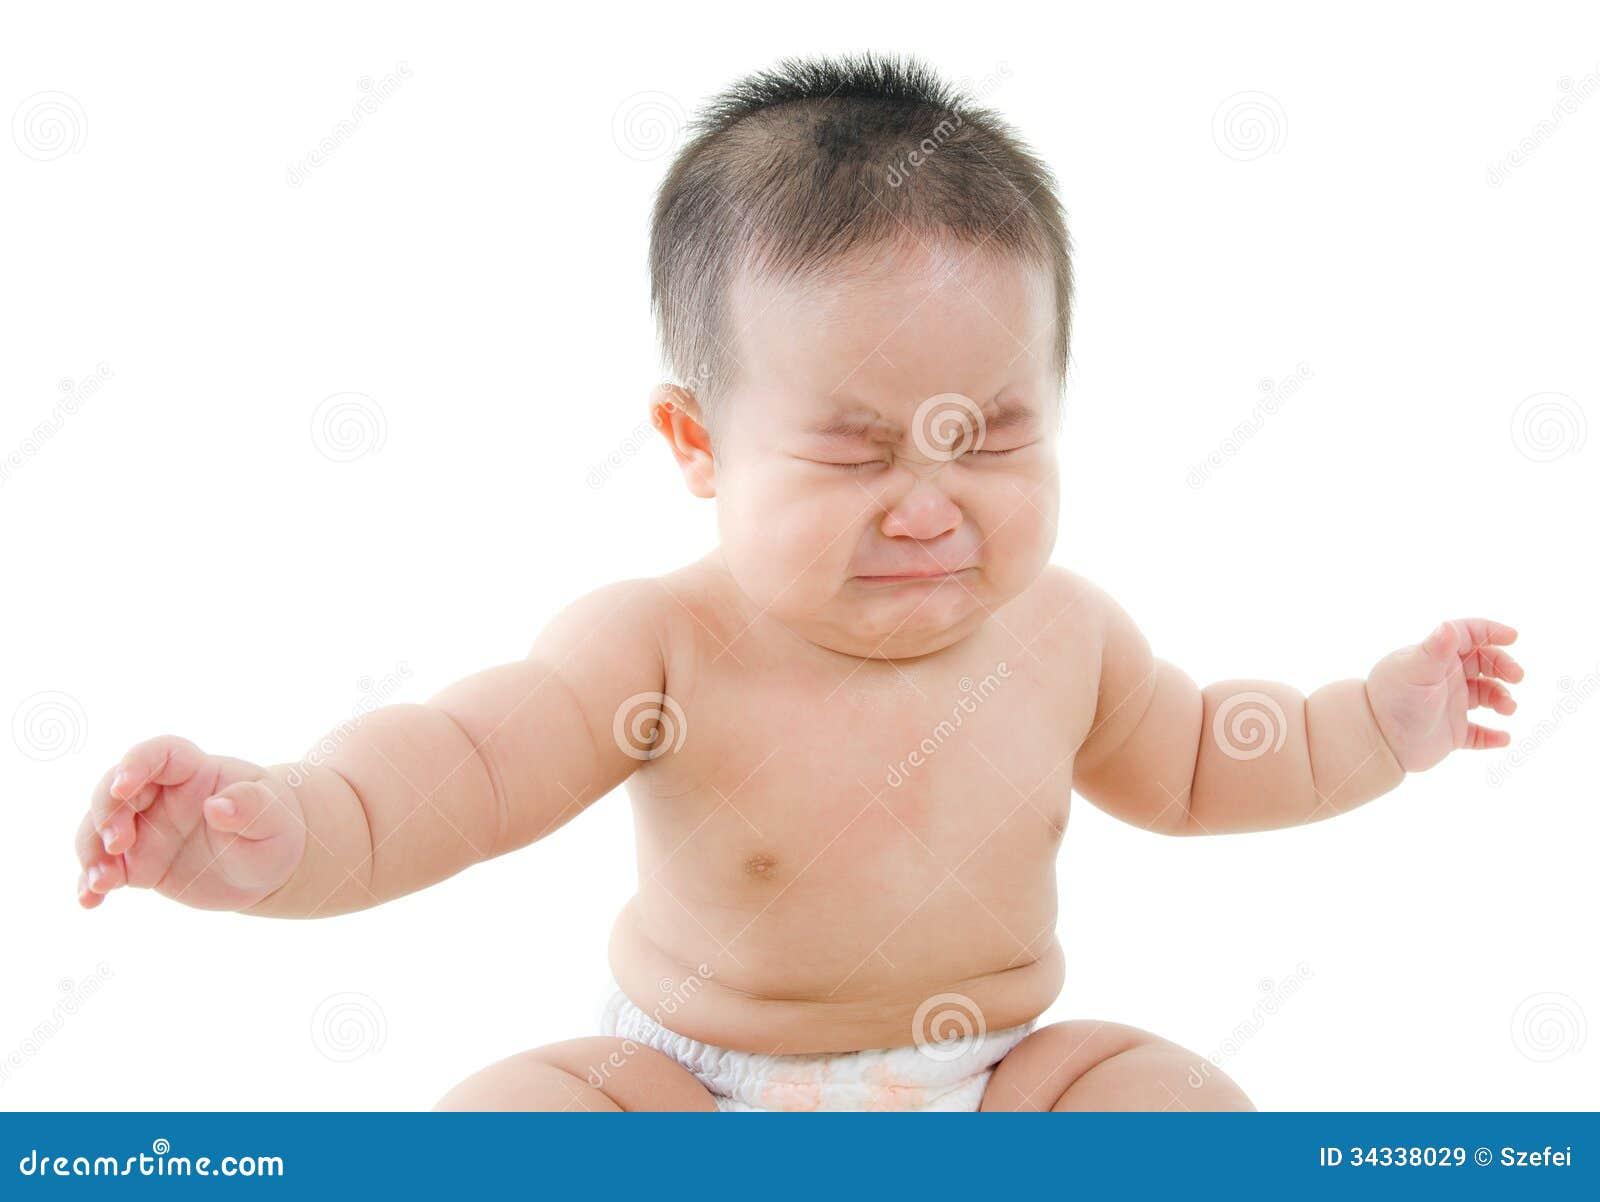 Asiatisches Baby schreit